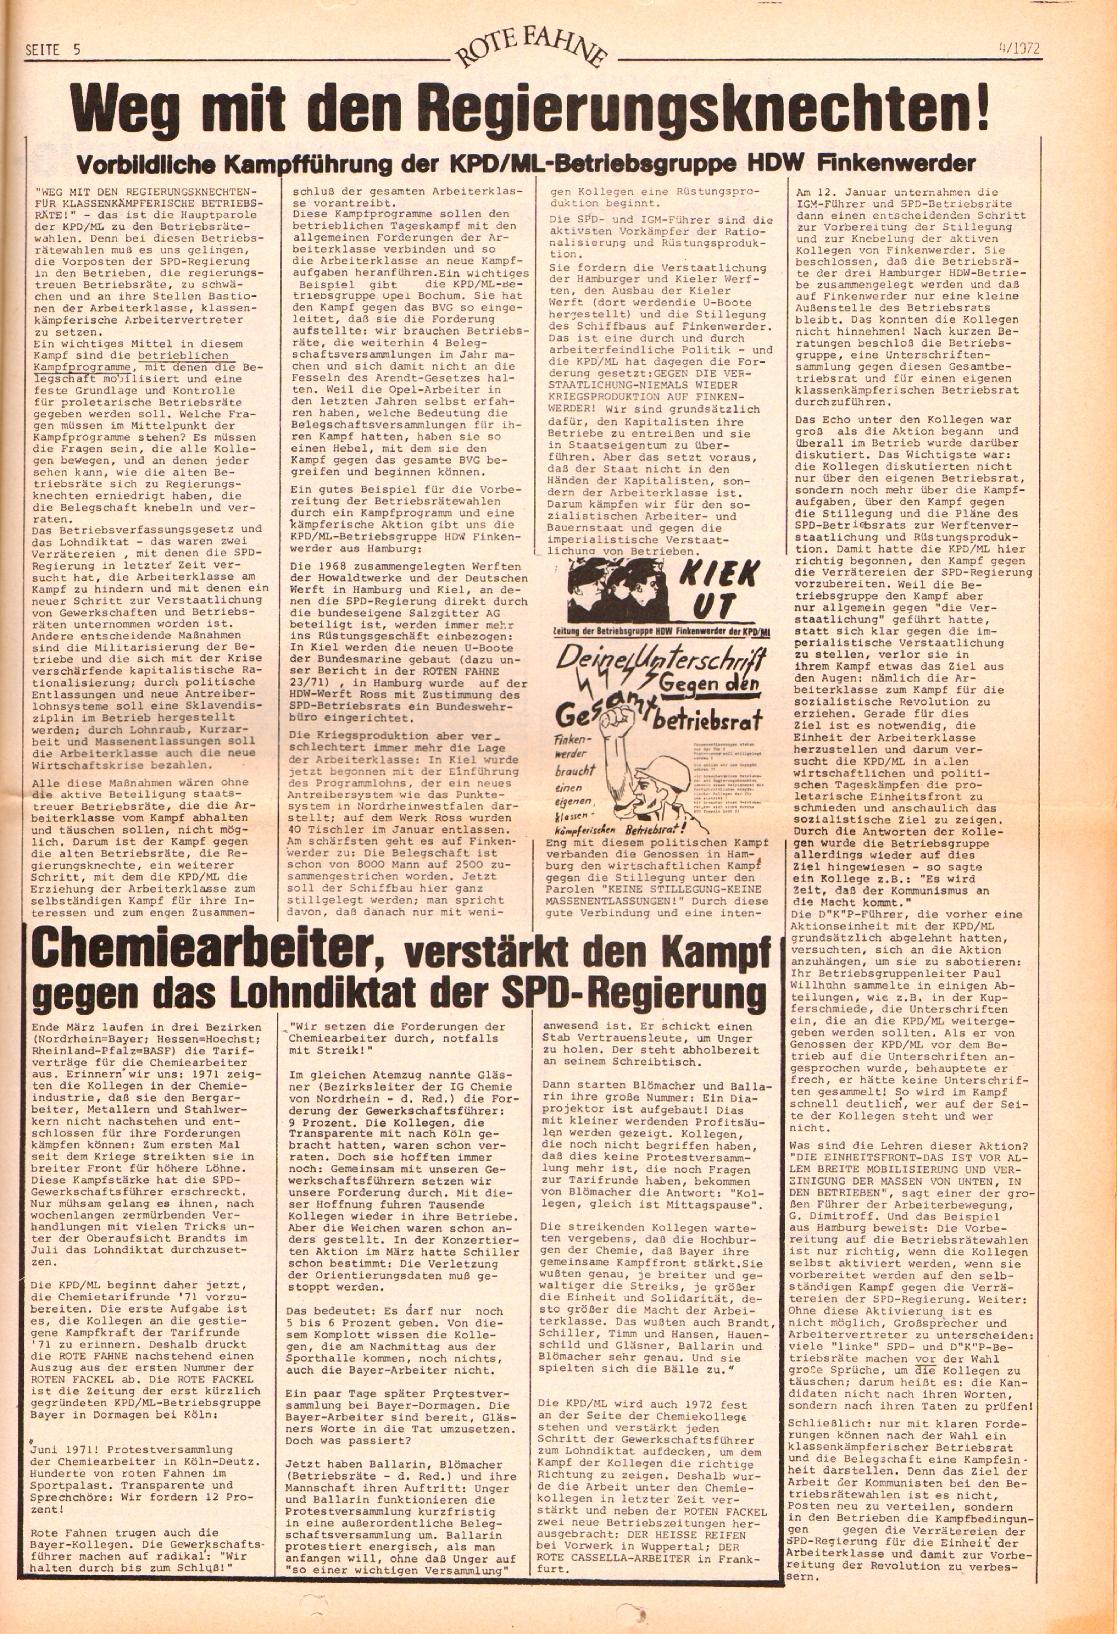 Rote Fahne, 3. Jg., 21.2.1972, Nr. 4, Seite 5